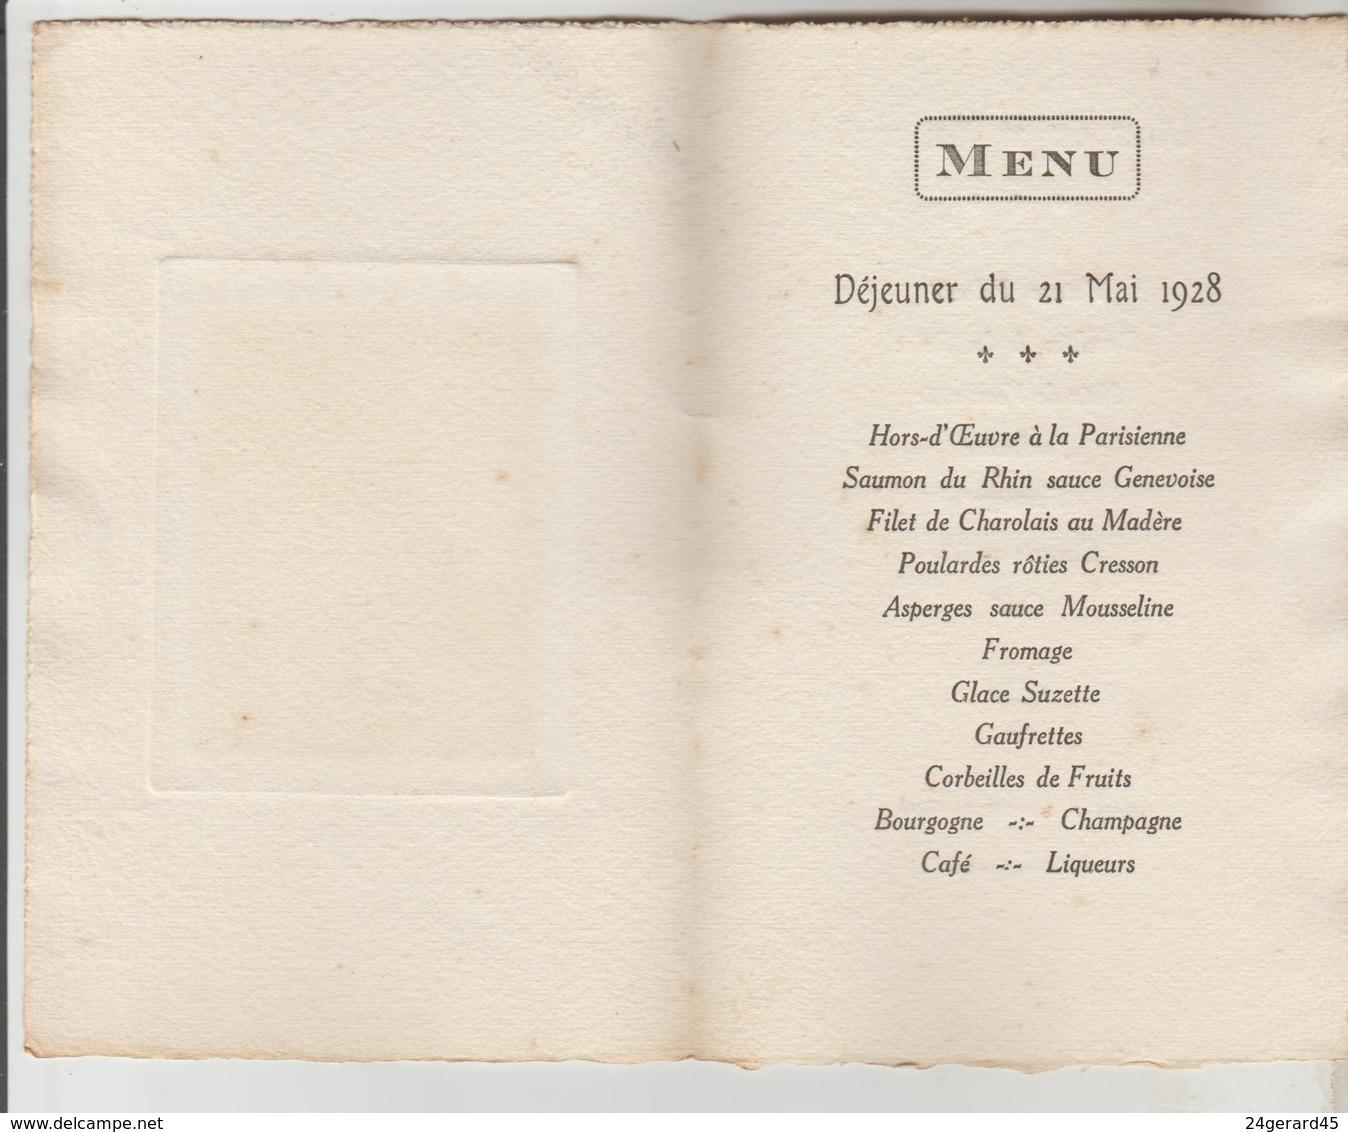 3 MENUS DOUBLE FEUILLET 1969, 1929, 1928 - Menus